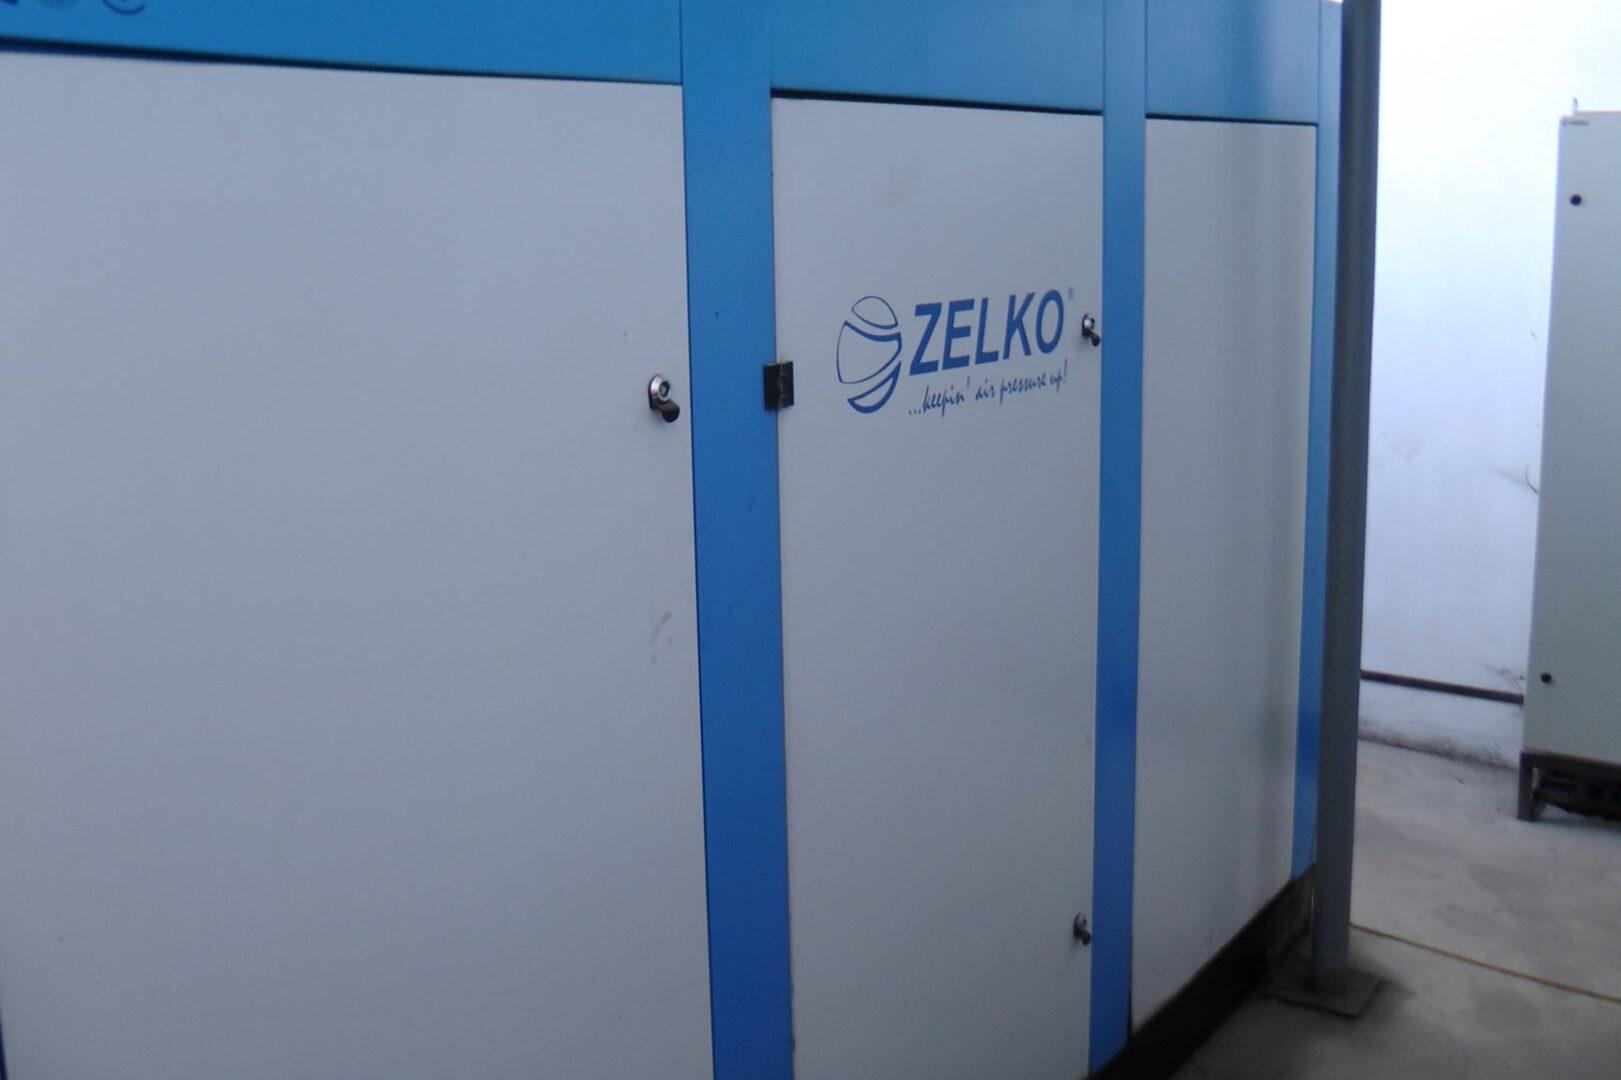 технічне обслуговування гвинтового компресора Зелко